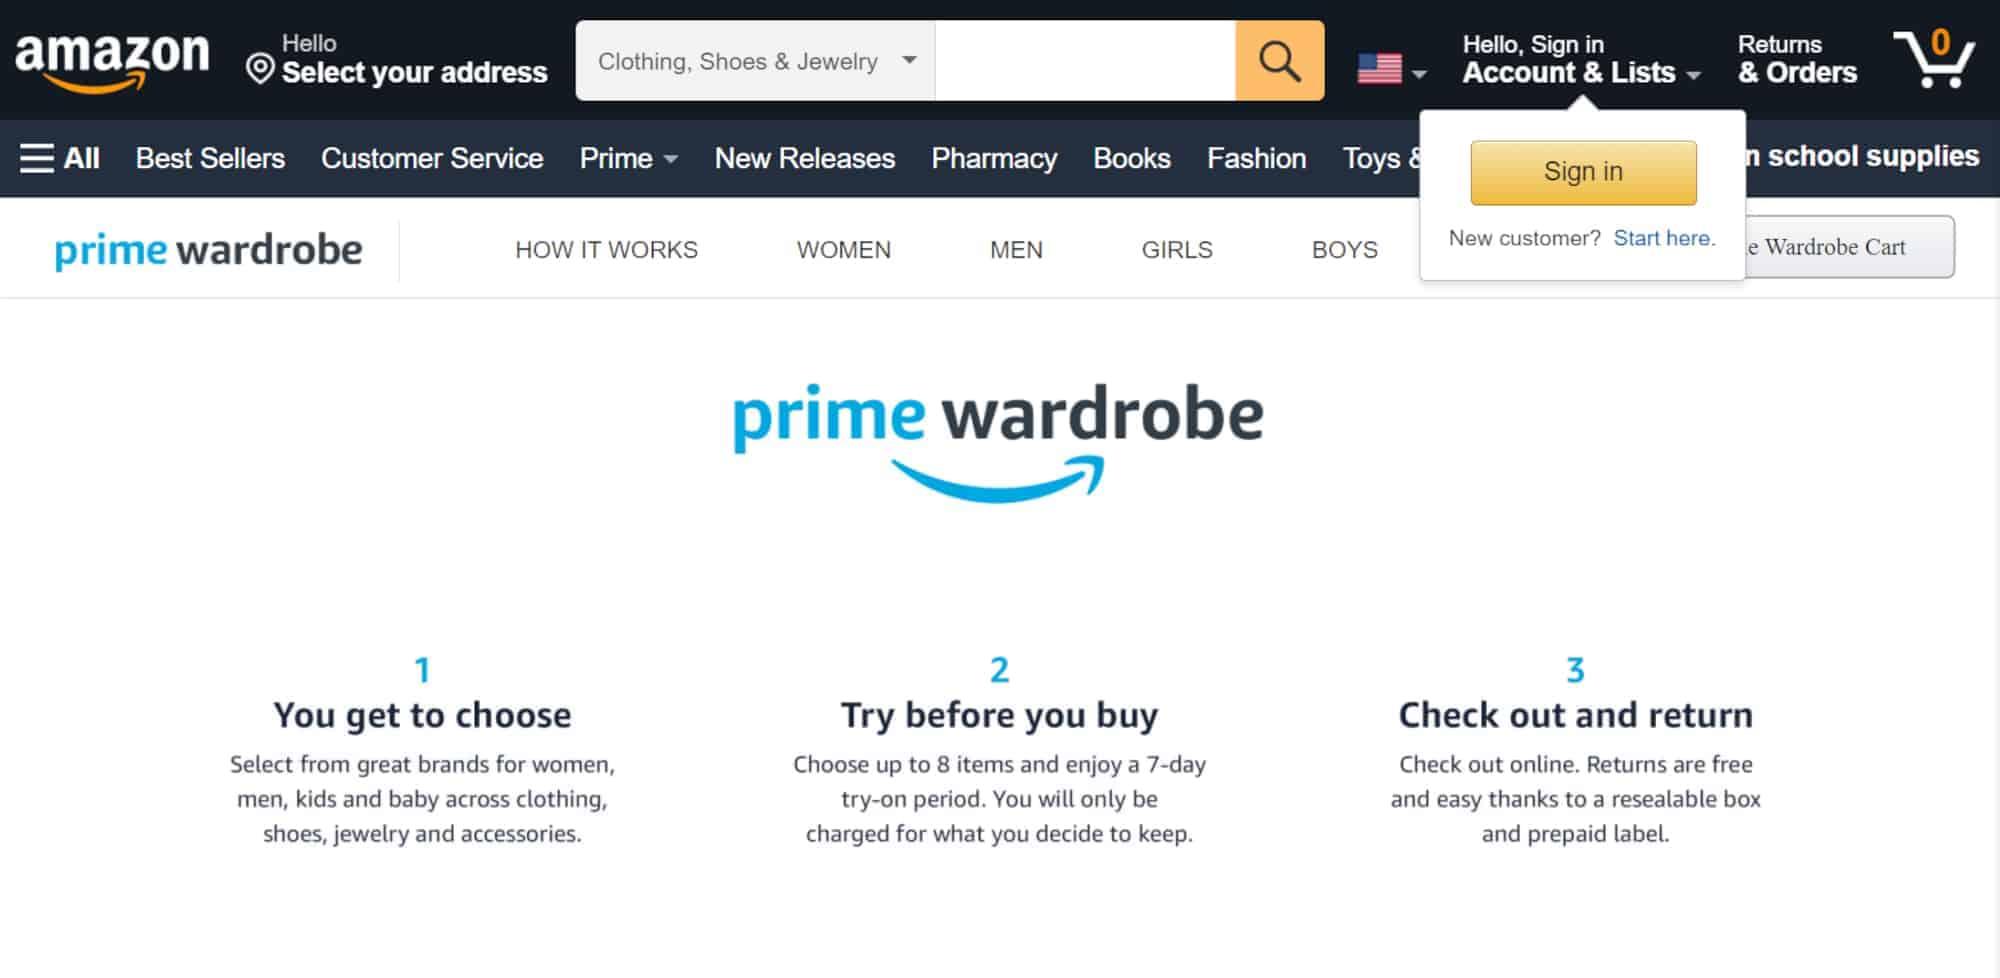 Amazon prime Wardrobe website screenshot